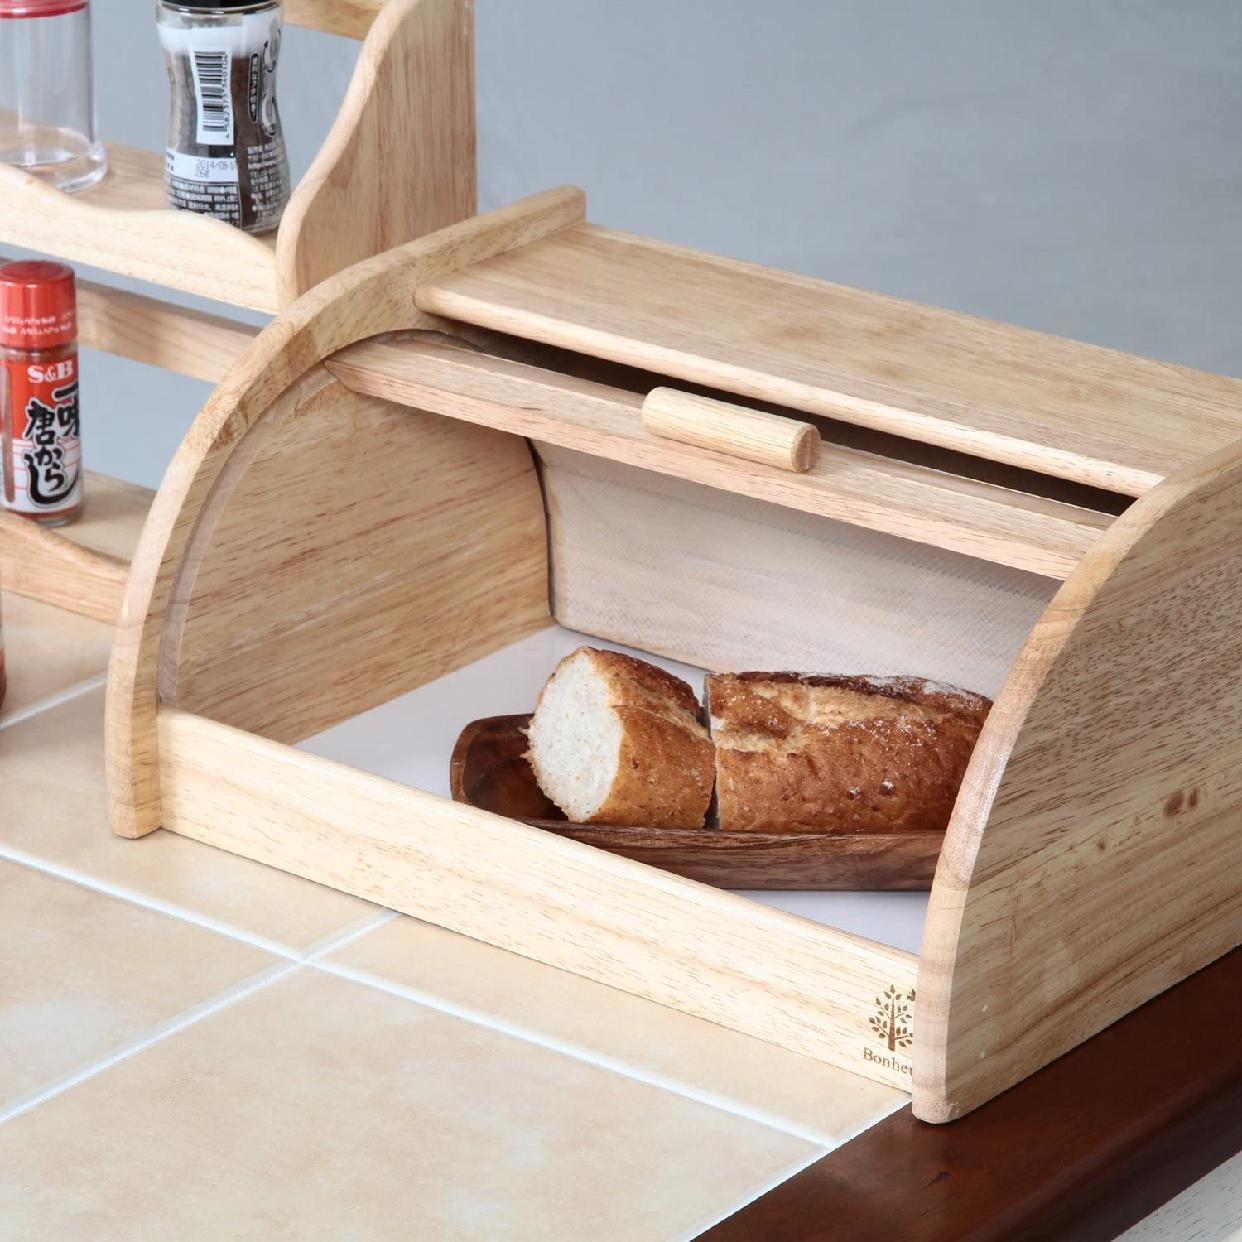 不二貿易(FBC) 木製ブレッドケース ボヌール 94381の商品画像9